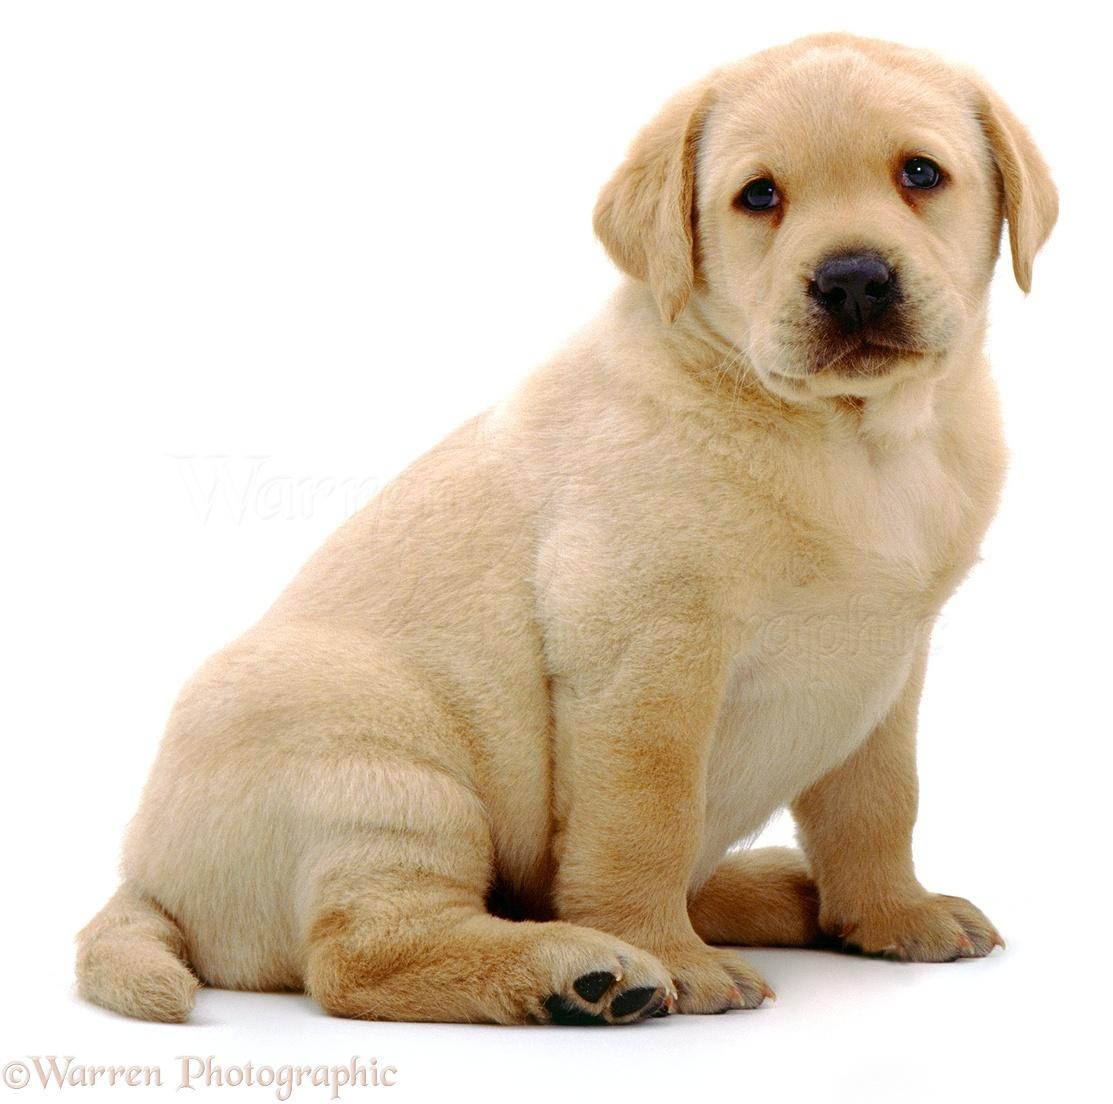 Dog Yellow Labrador Pup Photo Wp01536